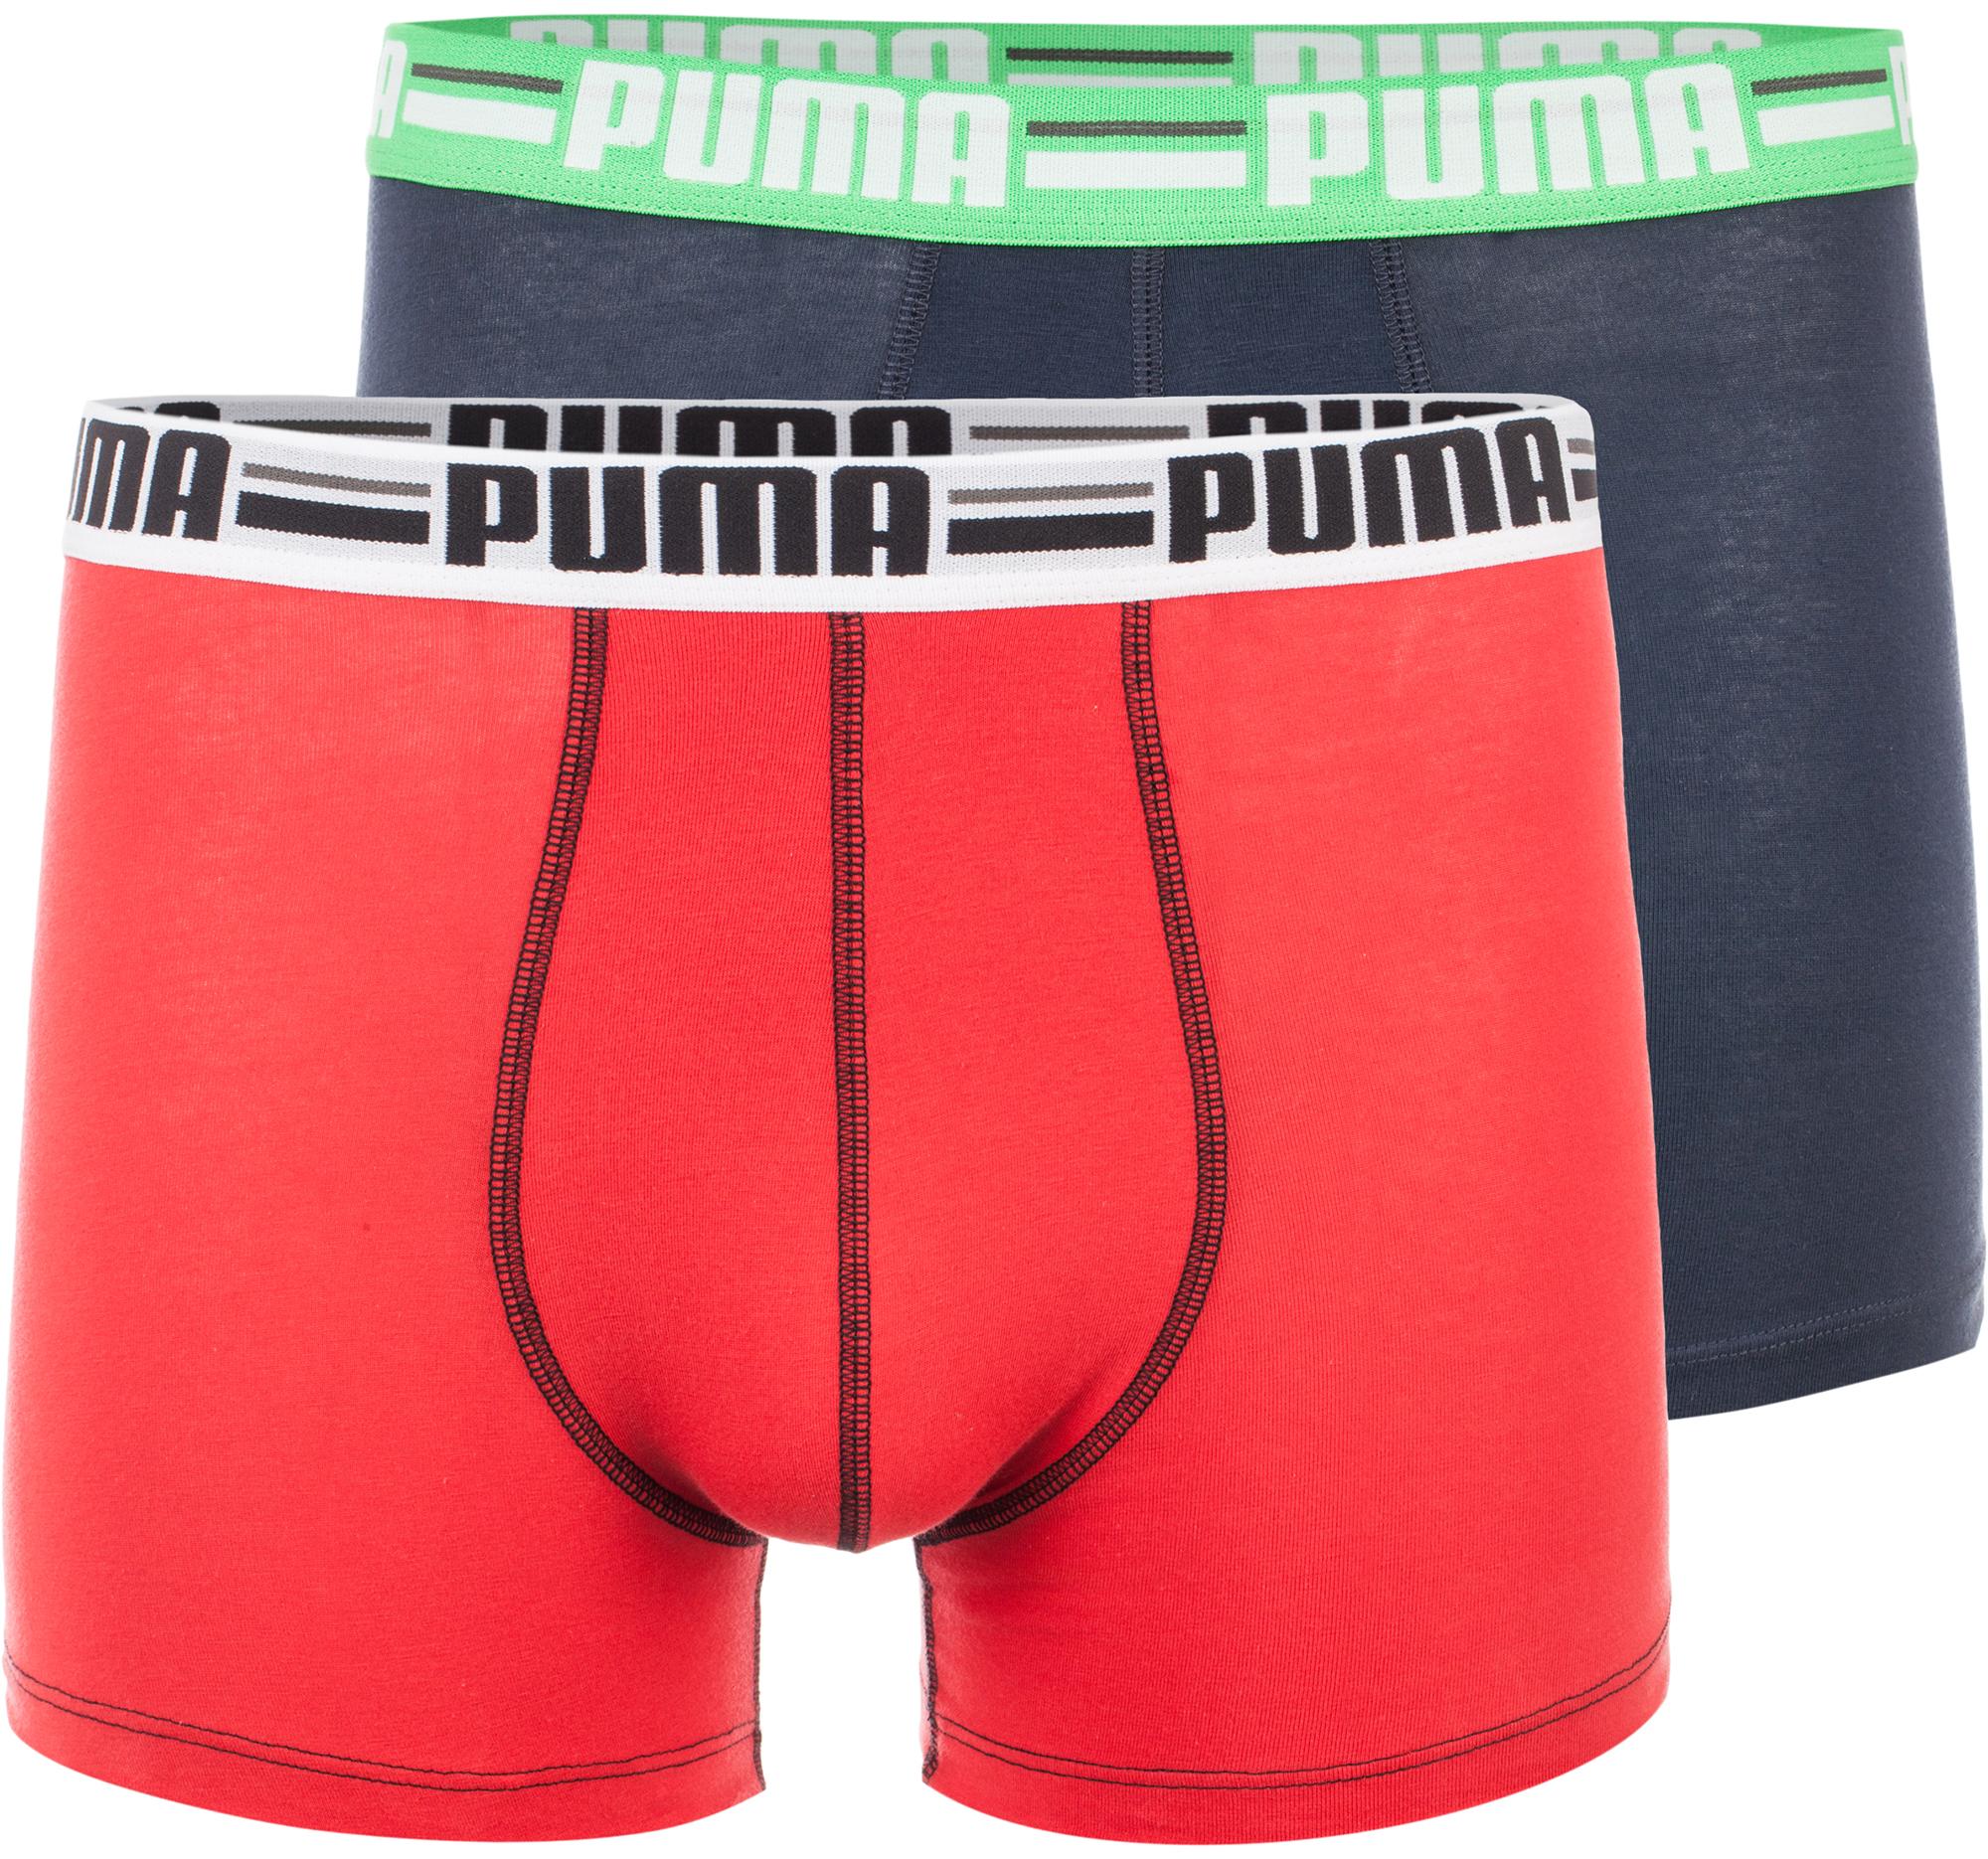 Puma Трусы мужские Puma Brand (2 шт.)  мужские боксеры new brand 2 2015 2 5u0481